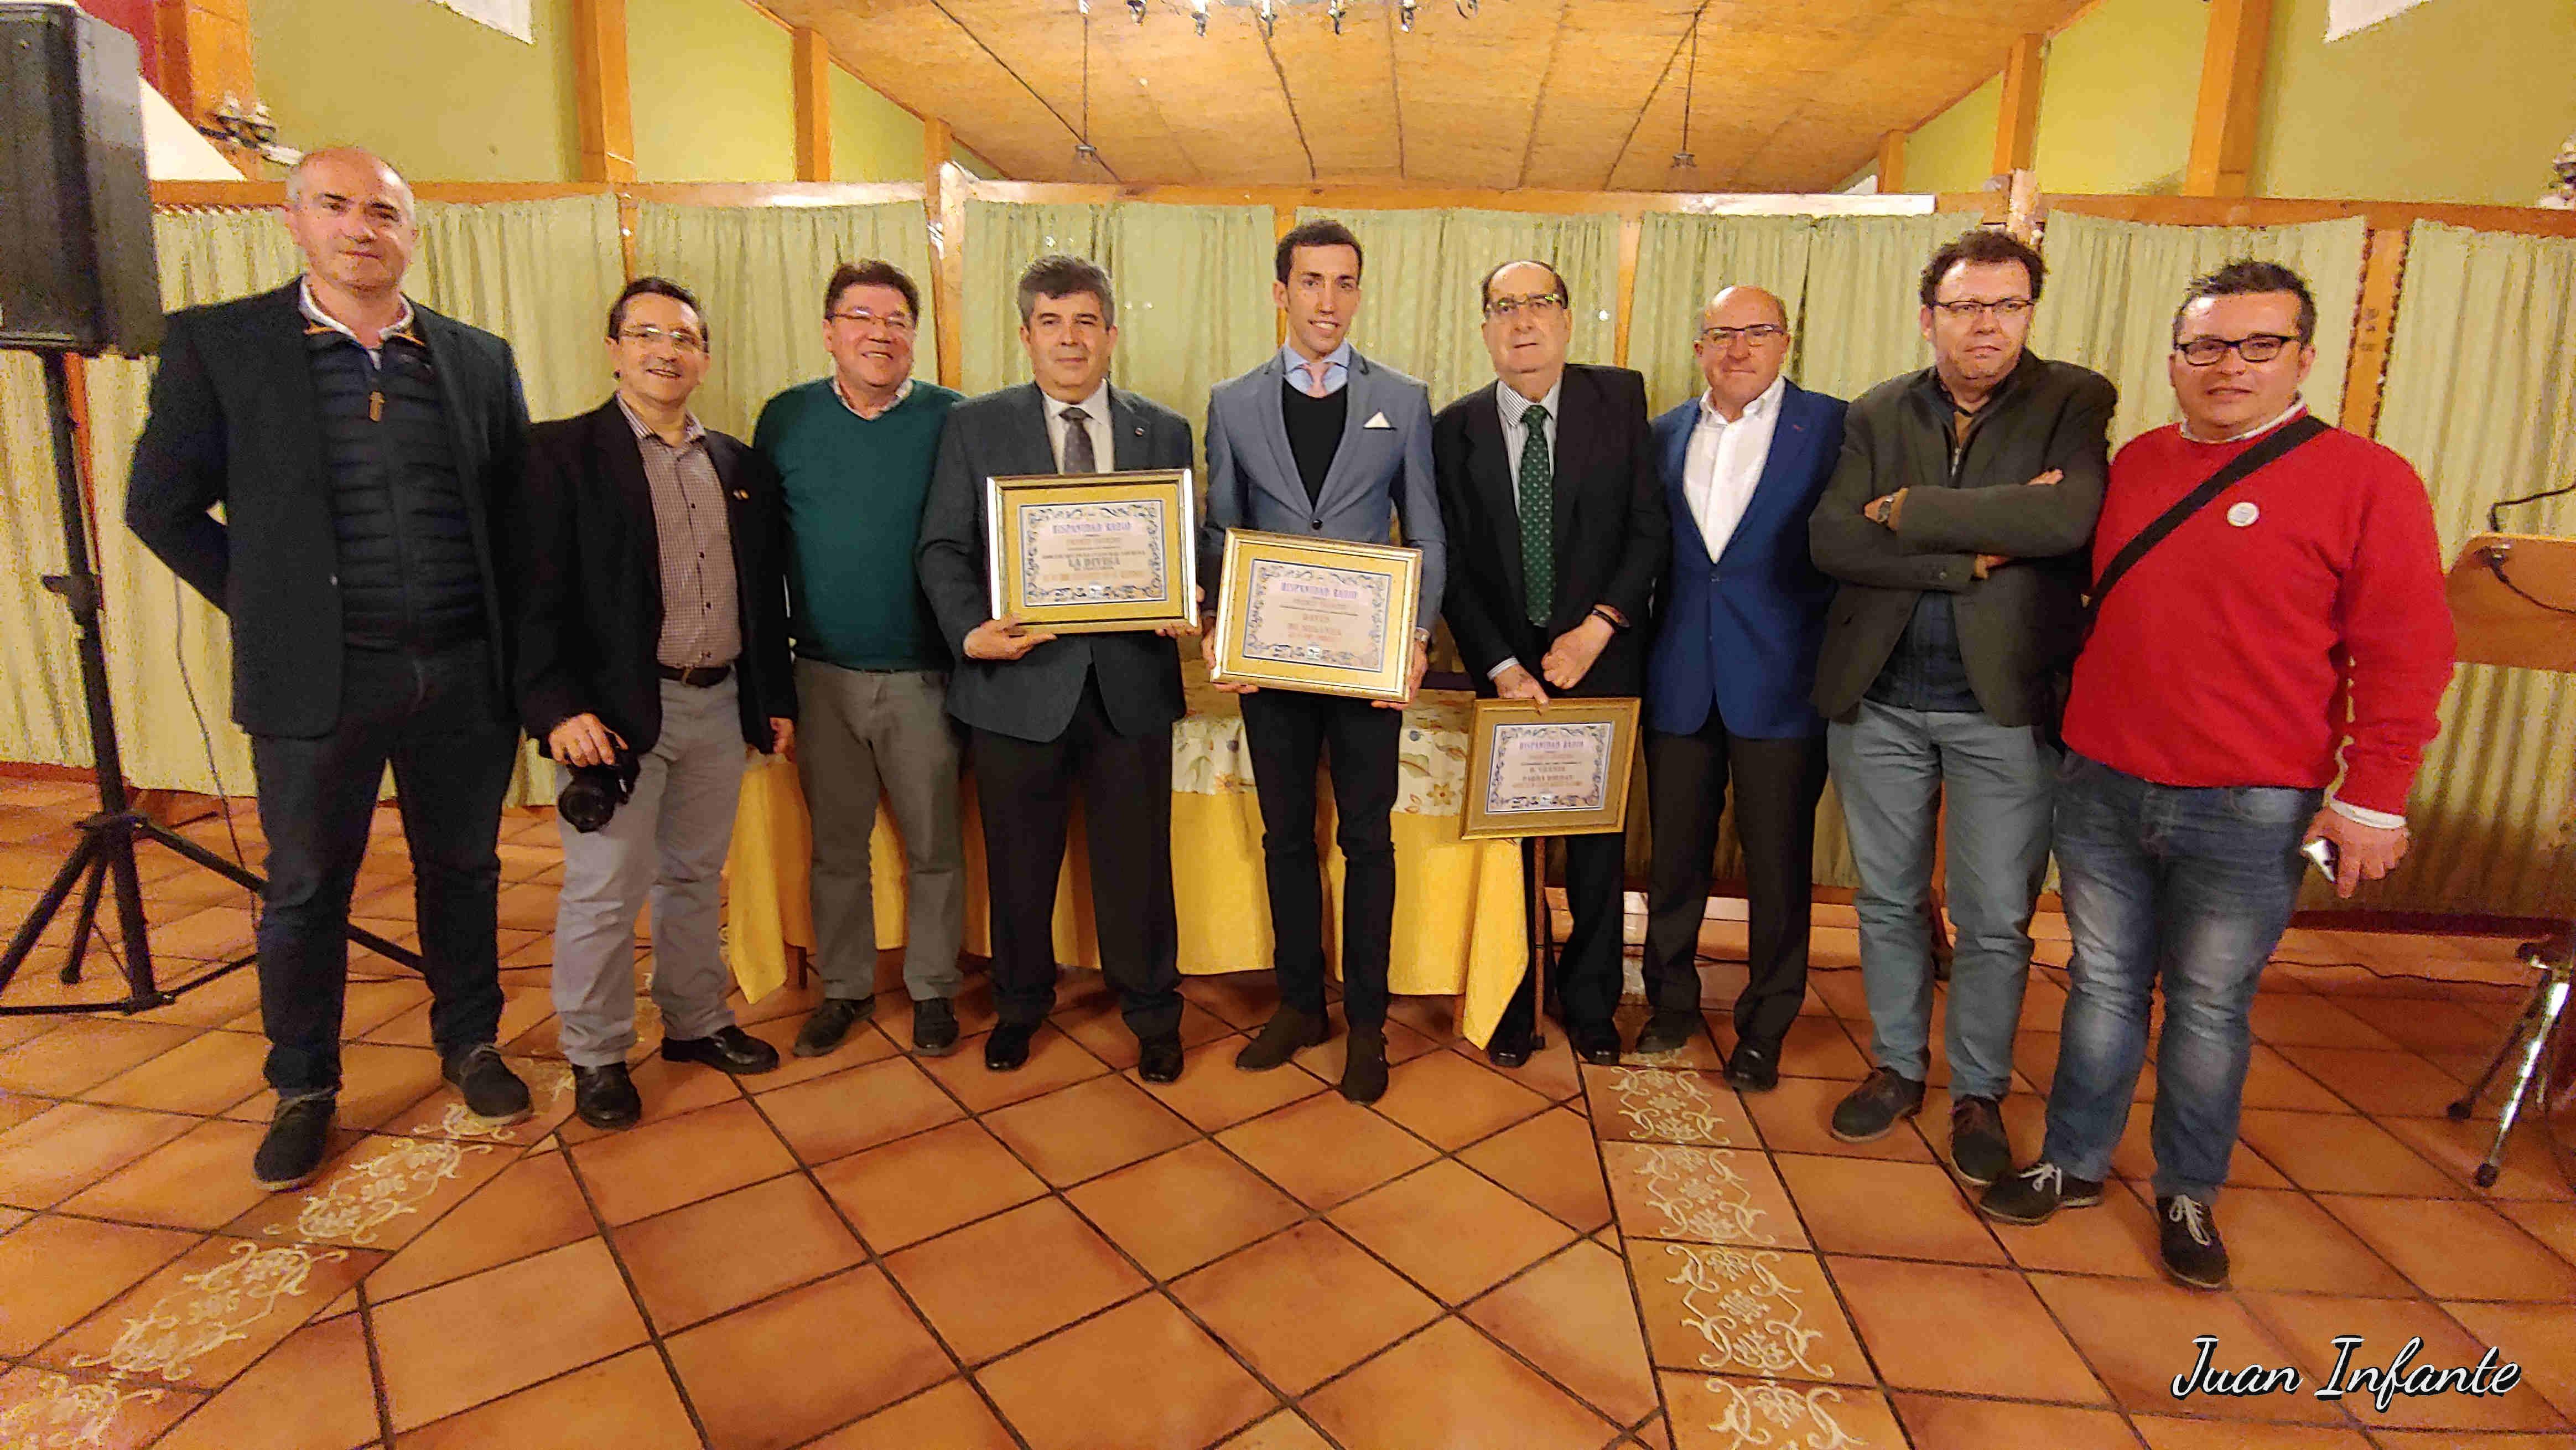 Entrega premios El Paseillo 2019 08-02-2019